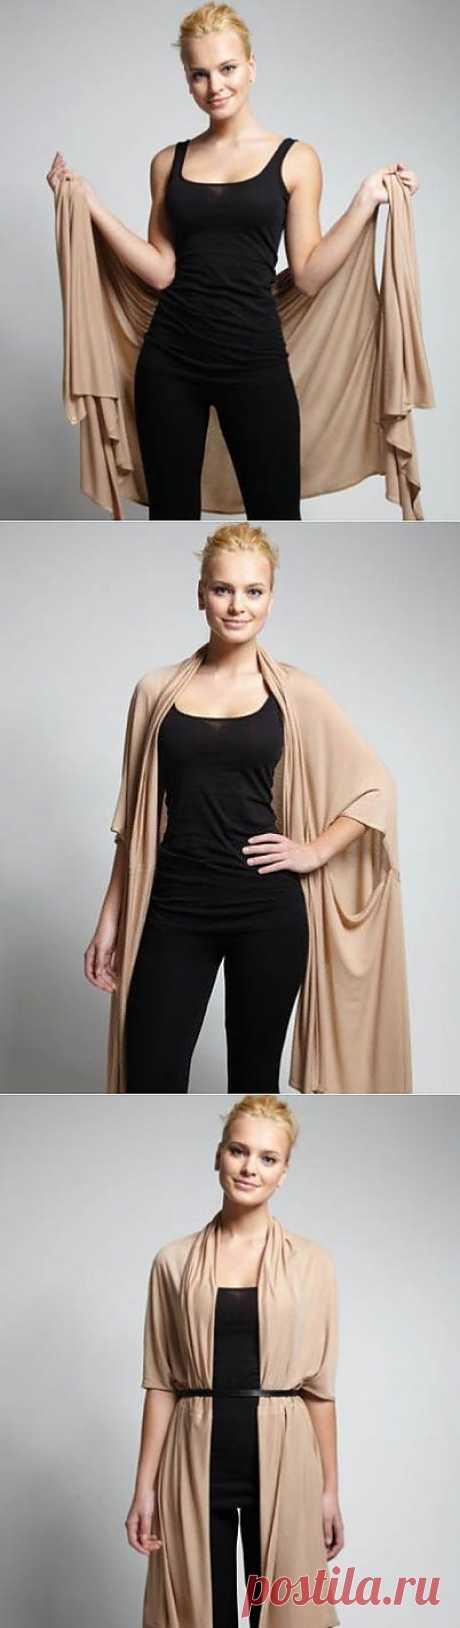 Еще один вариант ношения Bina / Простые выкройки / Модный сайт о стильной переделке одежды и интерьера